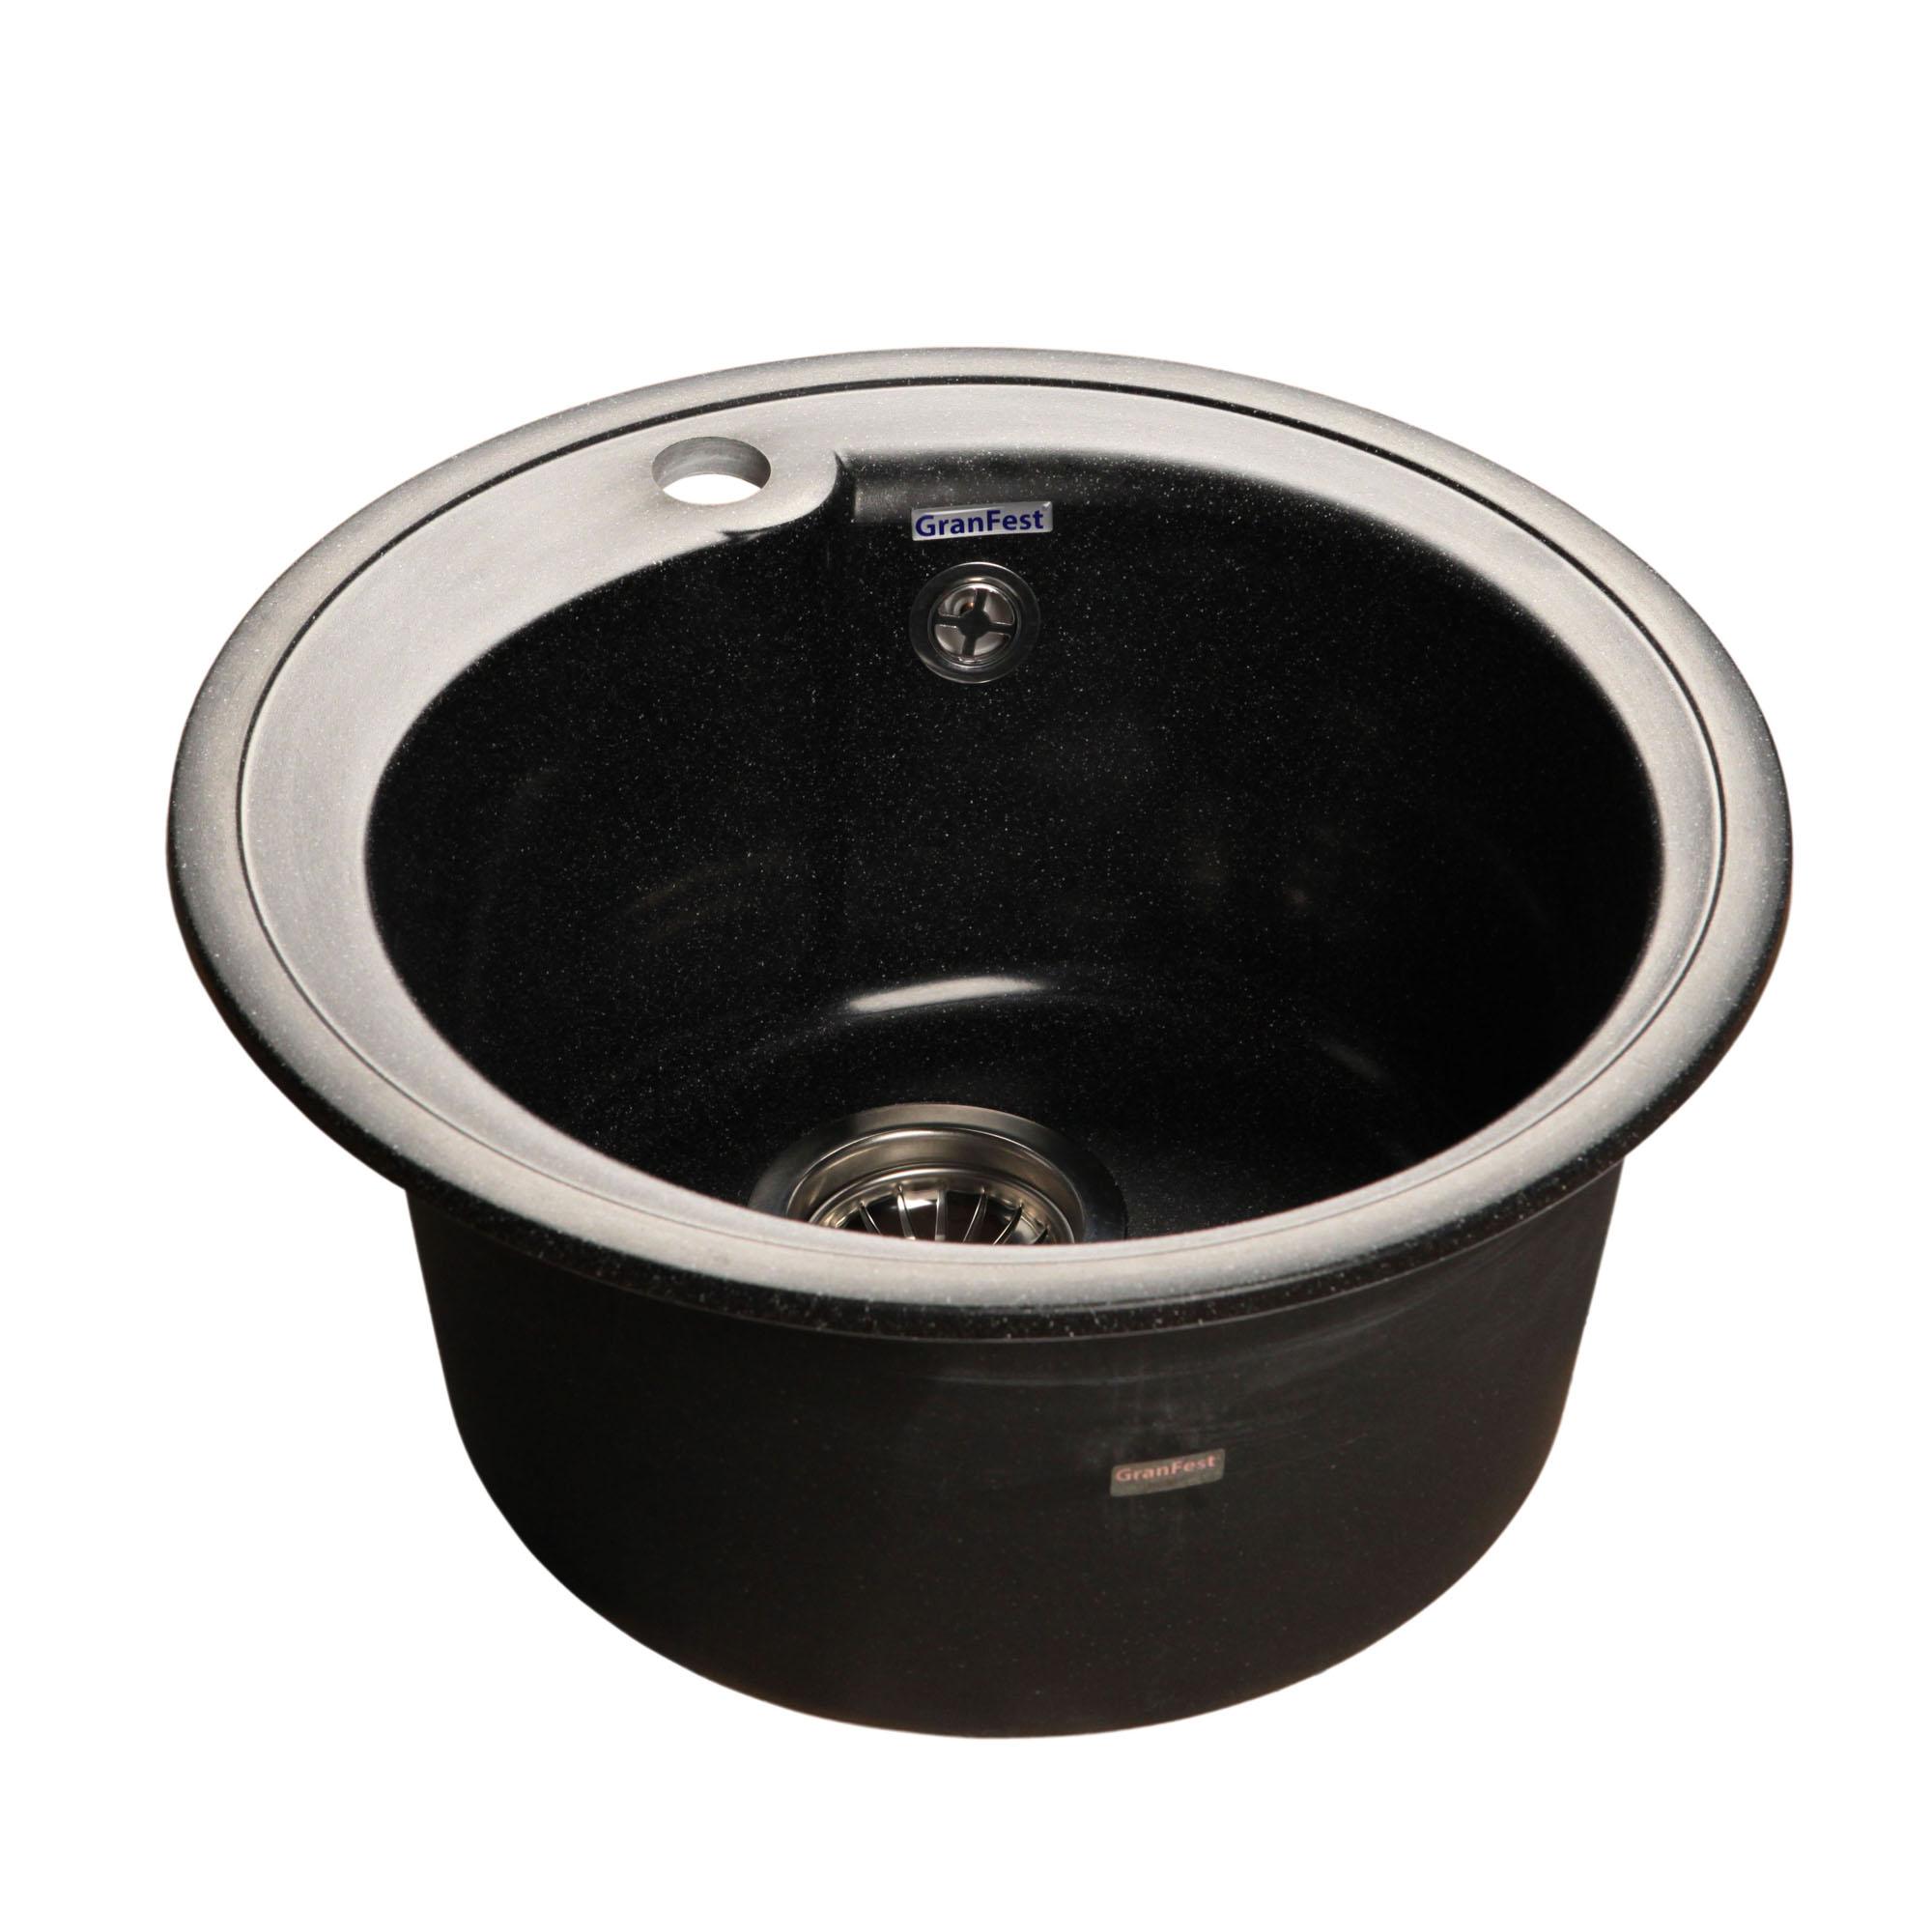 Кухонная мойка GranFest Rondo GF-R450 черный мойка кухонная granfest гранит d450 gf r450 терракот